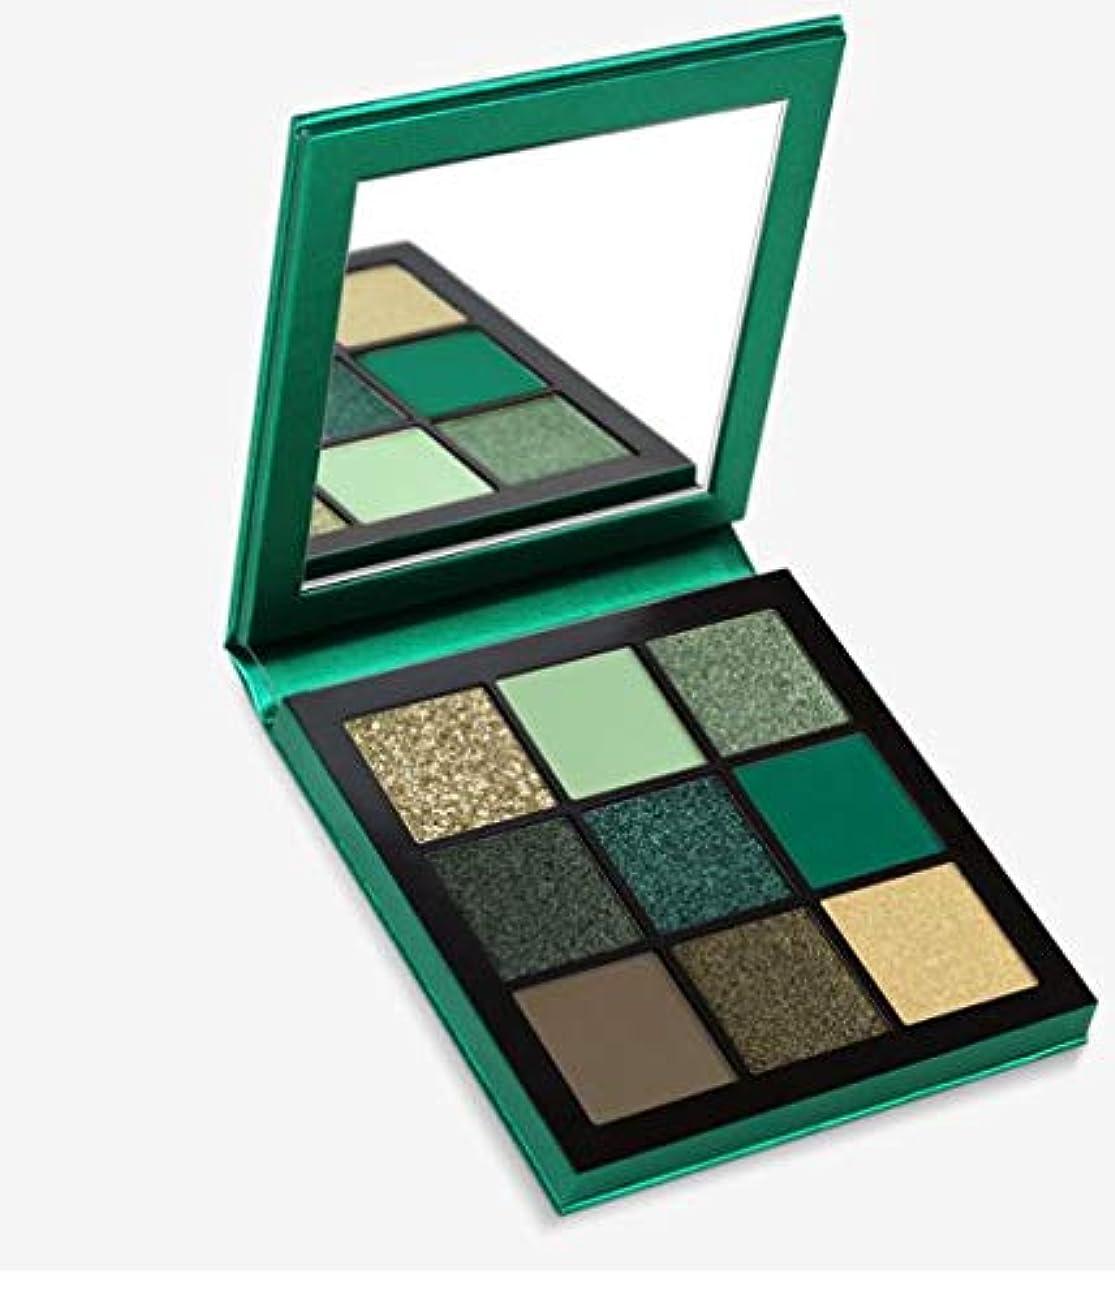 文房具デクリメントエアコンHudabeauty Obsessions Eyeshadow Palette Emerald アイシャドウパレット